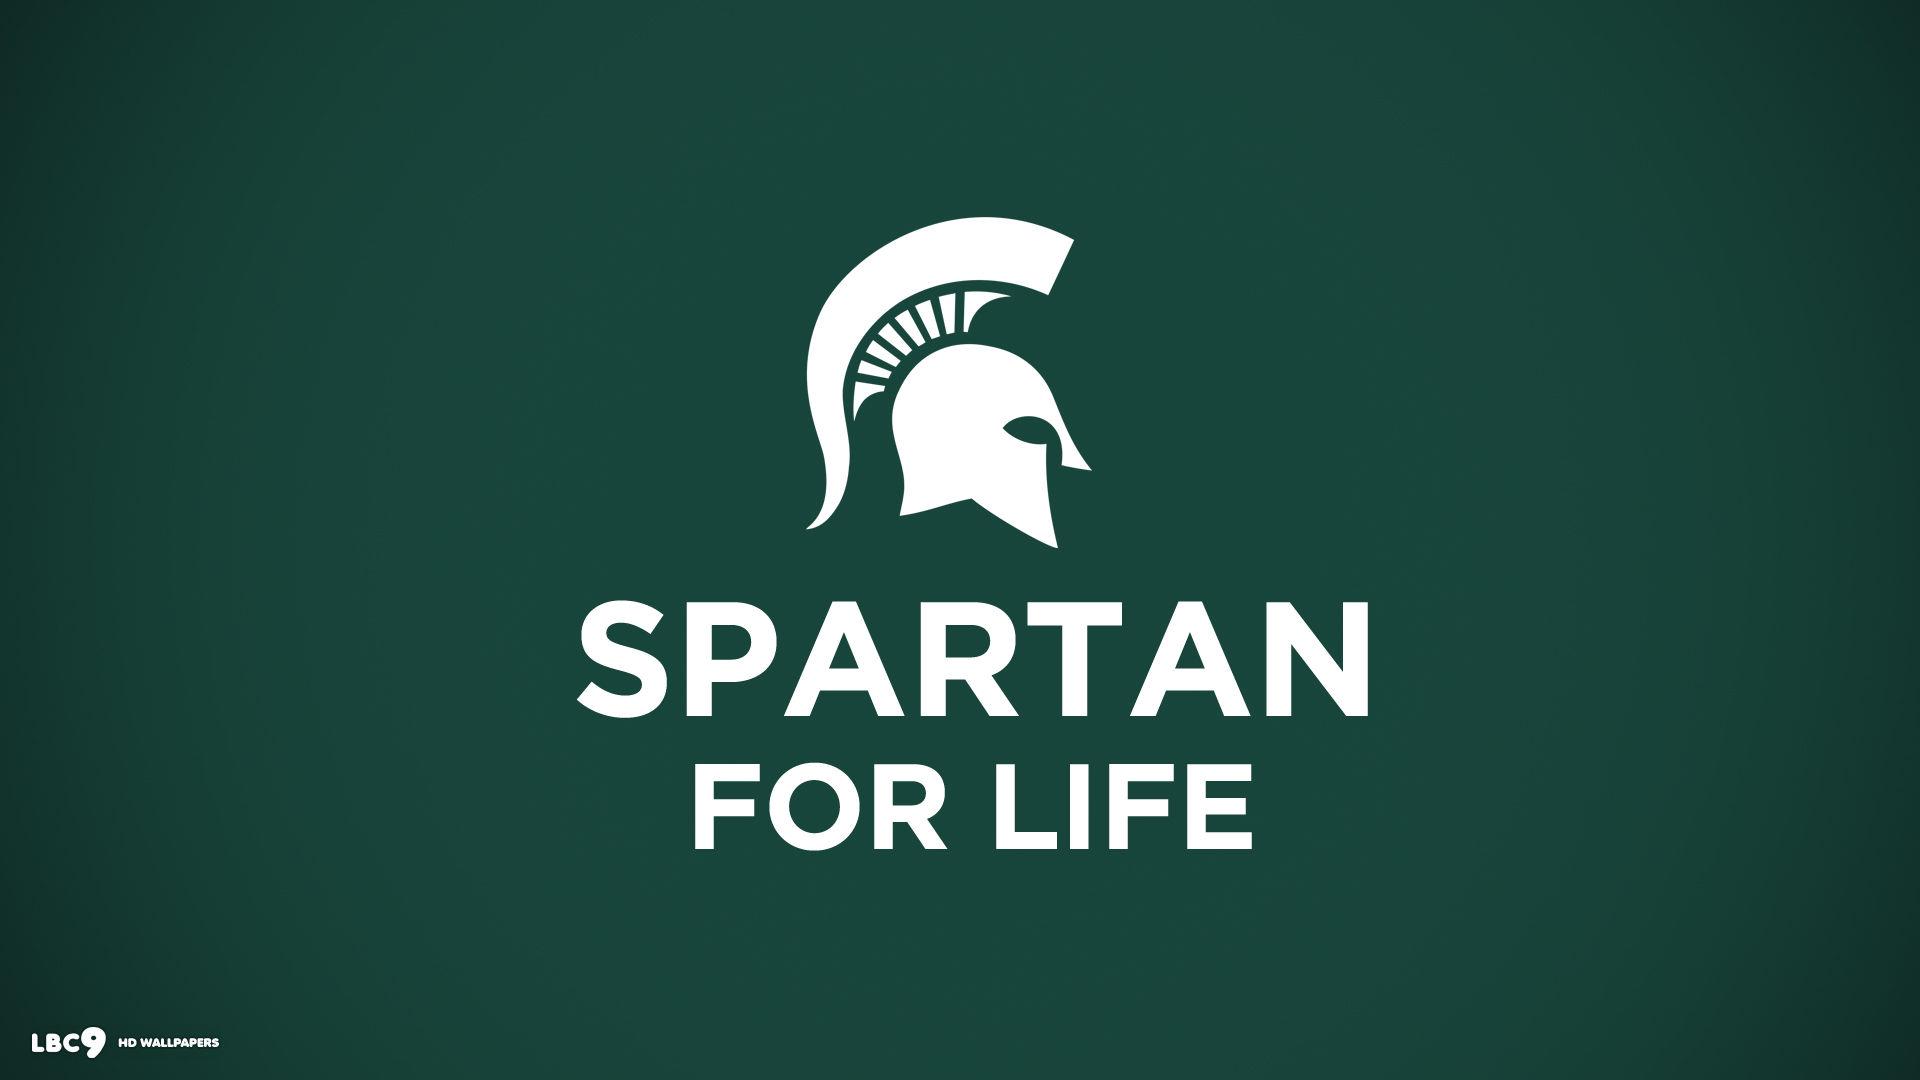 spartan for life motto wallpaper